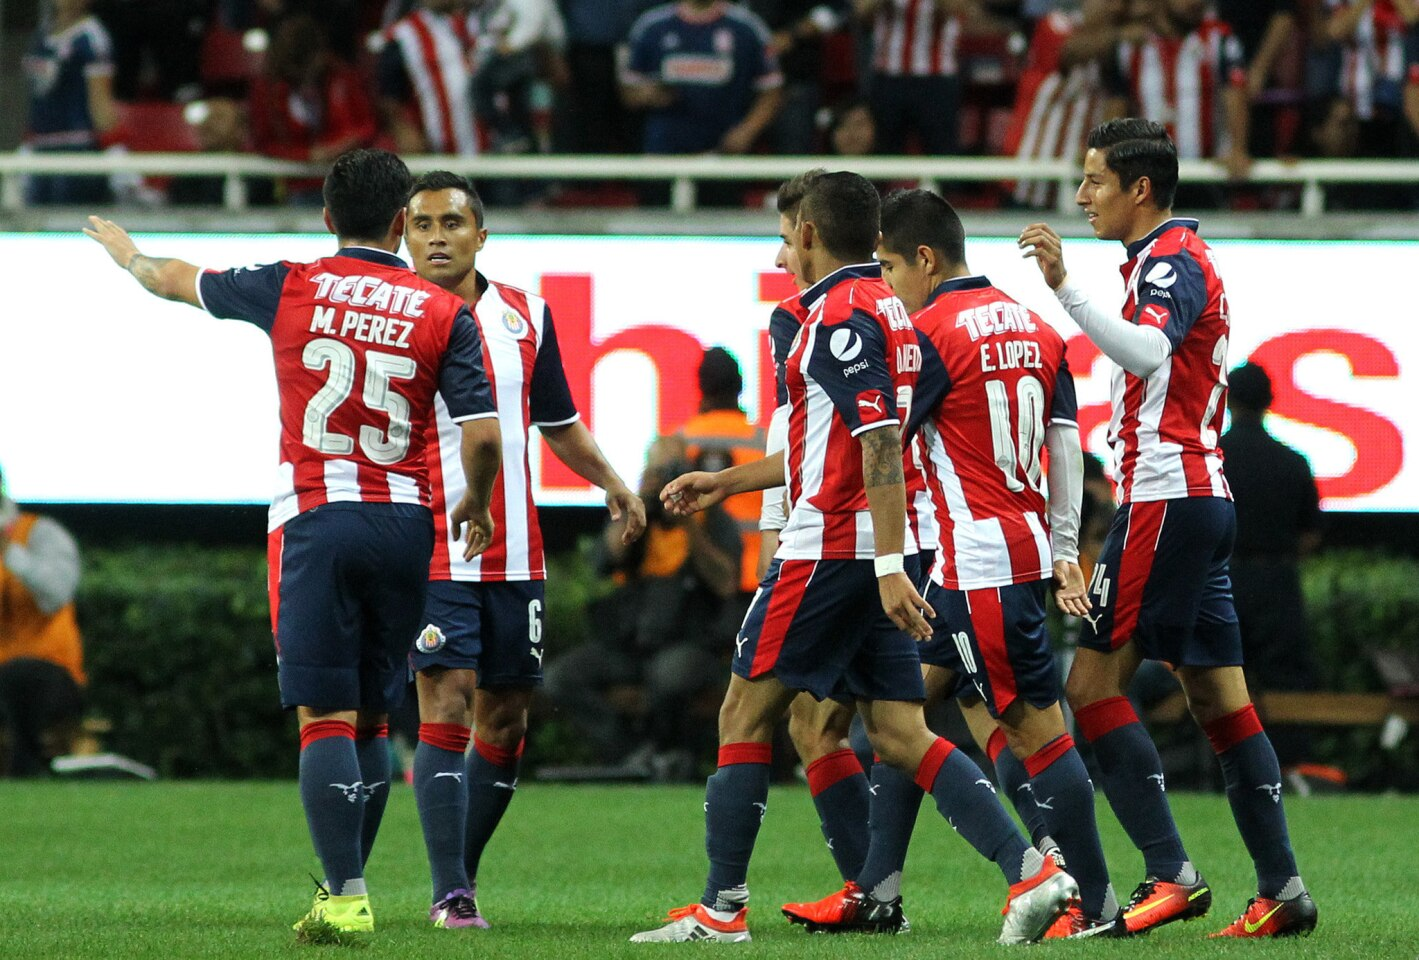 Liga MX: Chivas 2-0 Jaguares